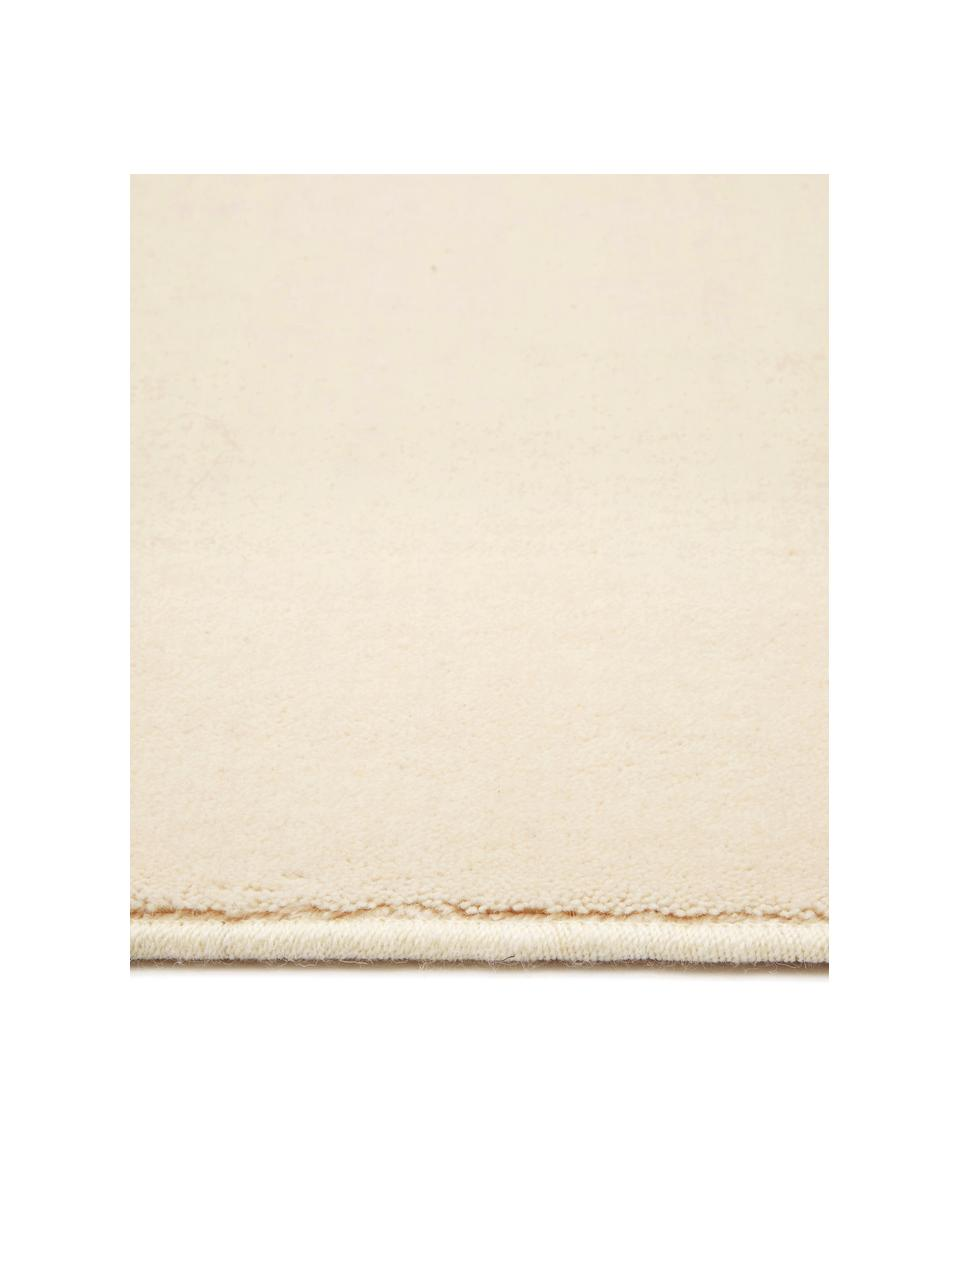 Wollen vloerkleed Ida in beige, Bovenzijde: 100% wol, Onderzijde: 60% jute, 40% polyester B, Beige, B 200 x L 300 cm (maat L)